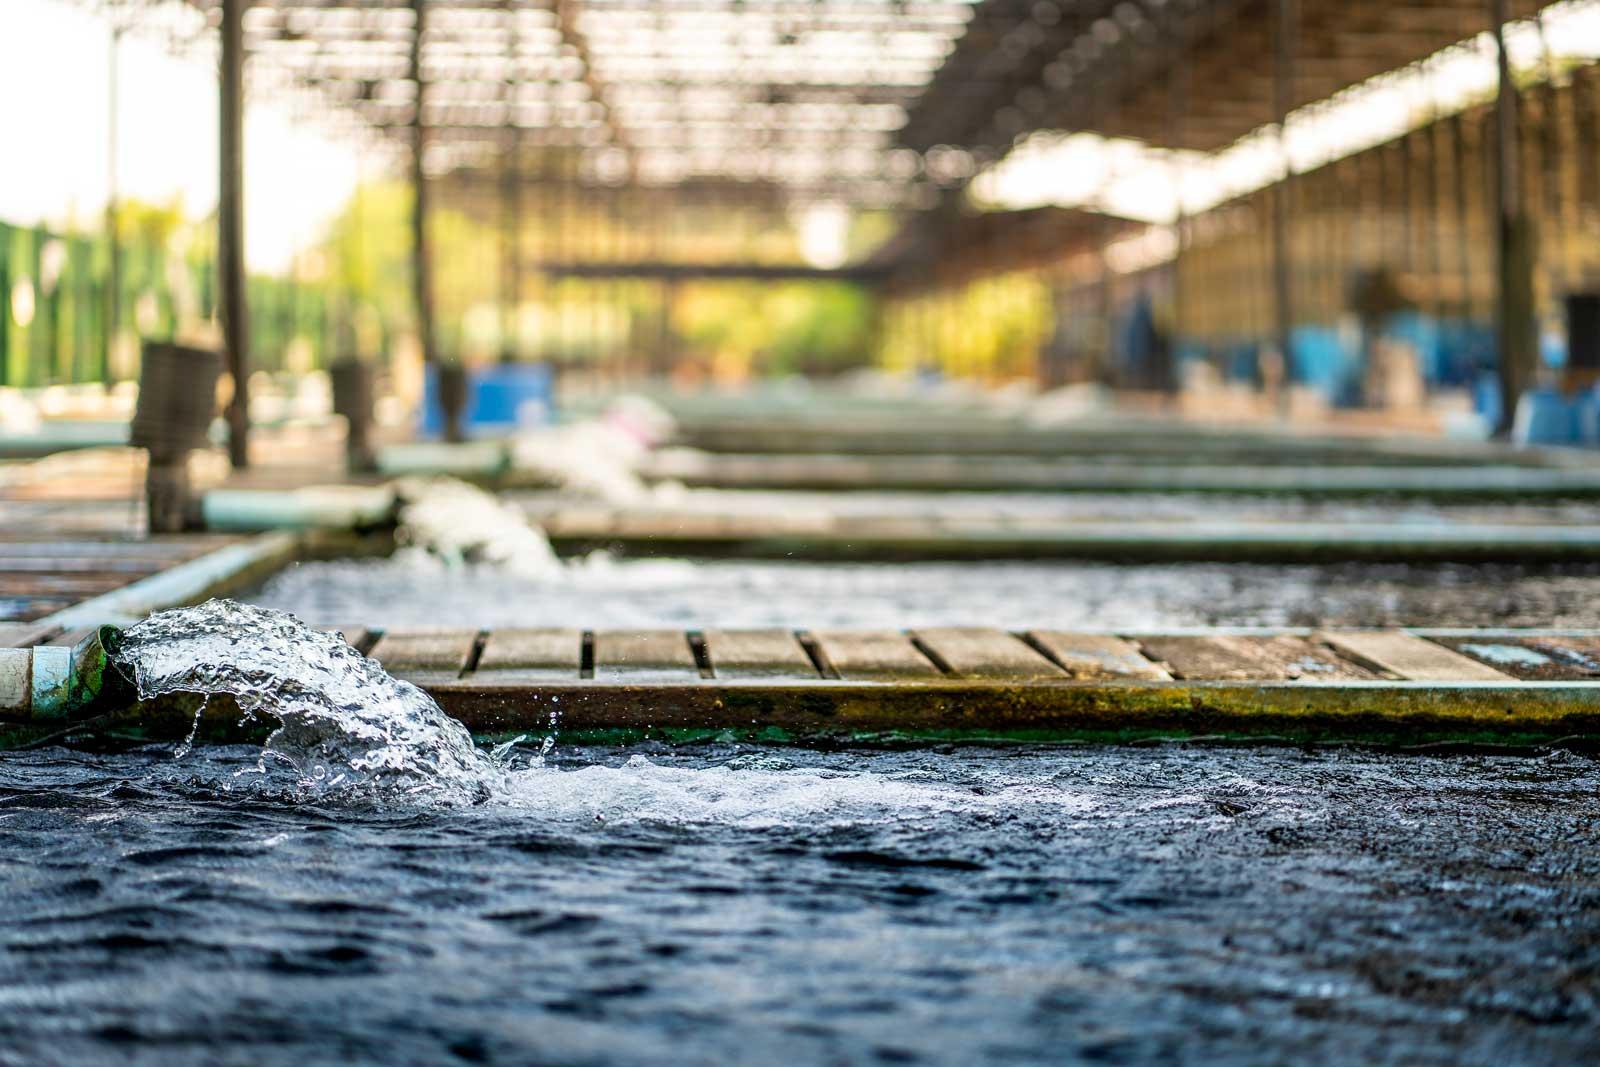 slide_eurobio-bac-graisse-services-industrie-agro-cuisine-centrale-bio-technologie-environnement-assainissement-station-epuration-odeurs-eaux-usees-france-europe04